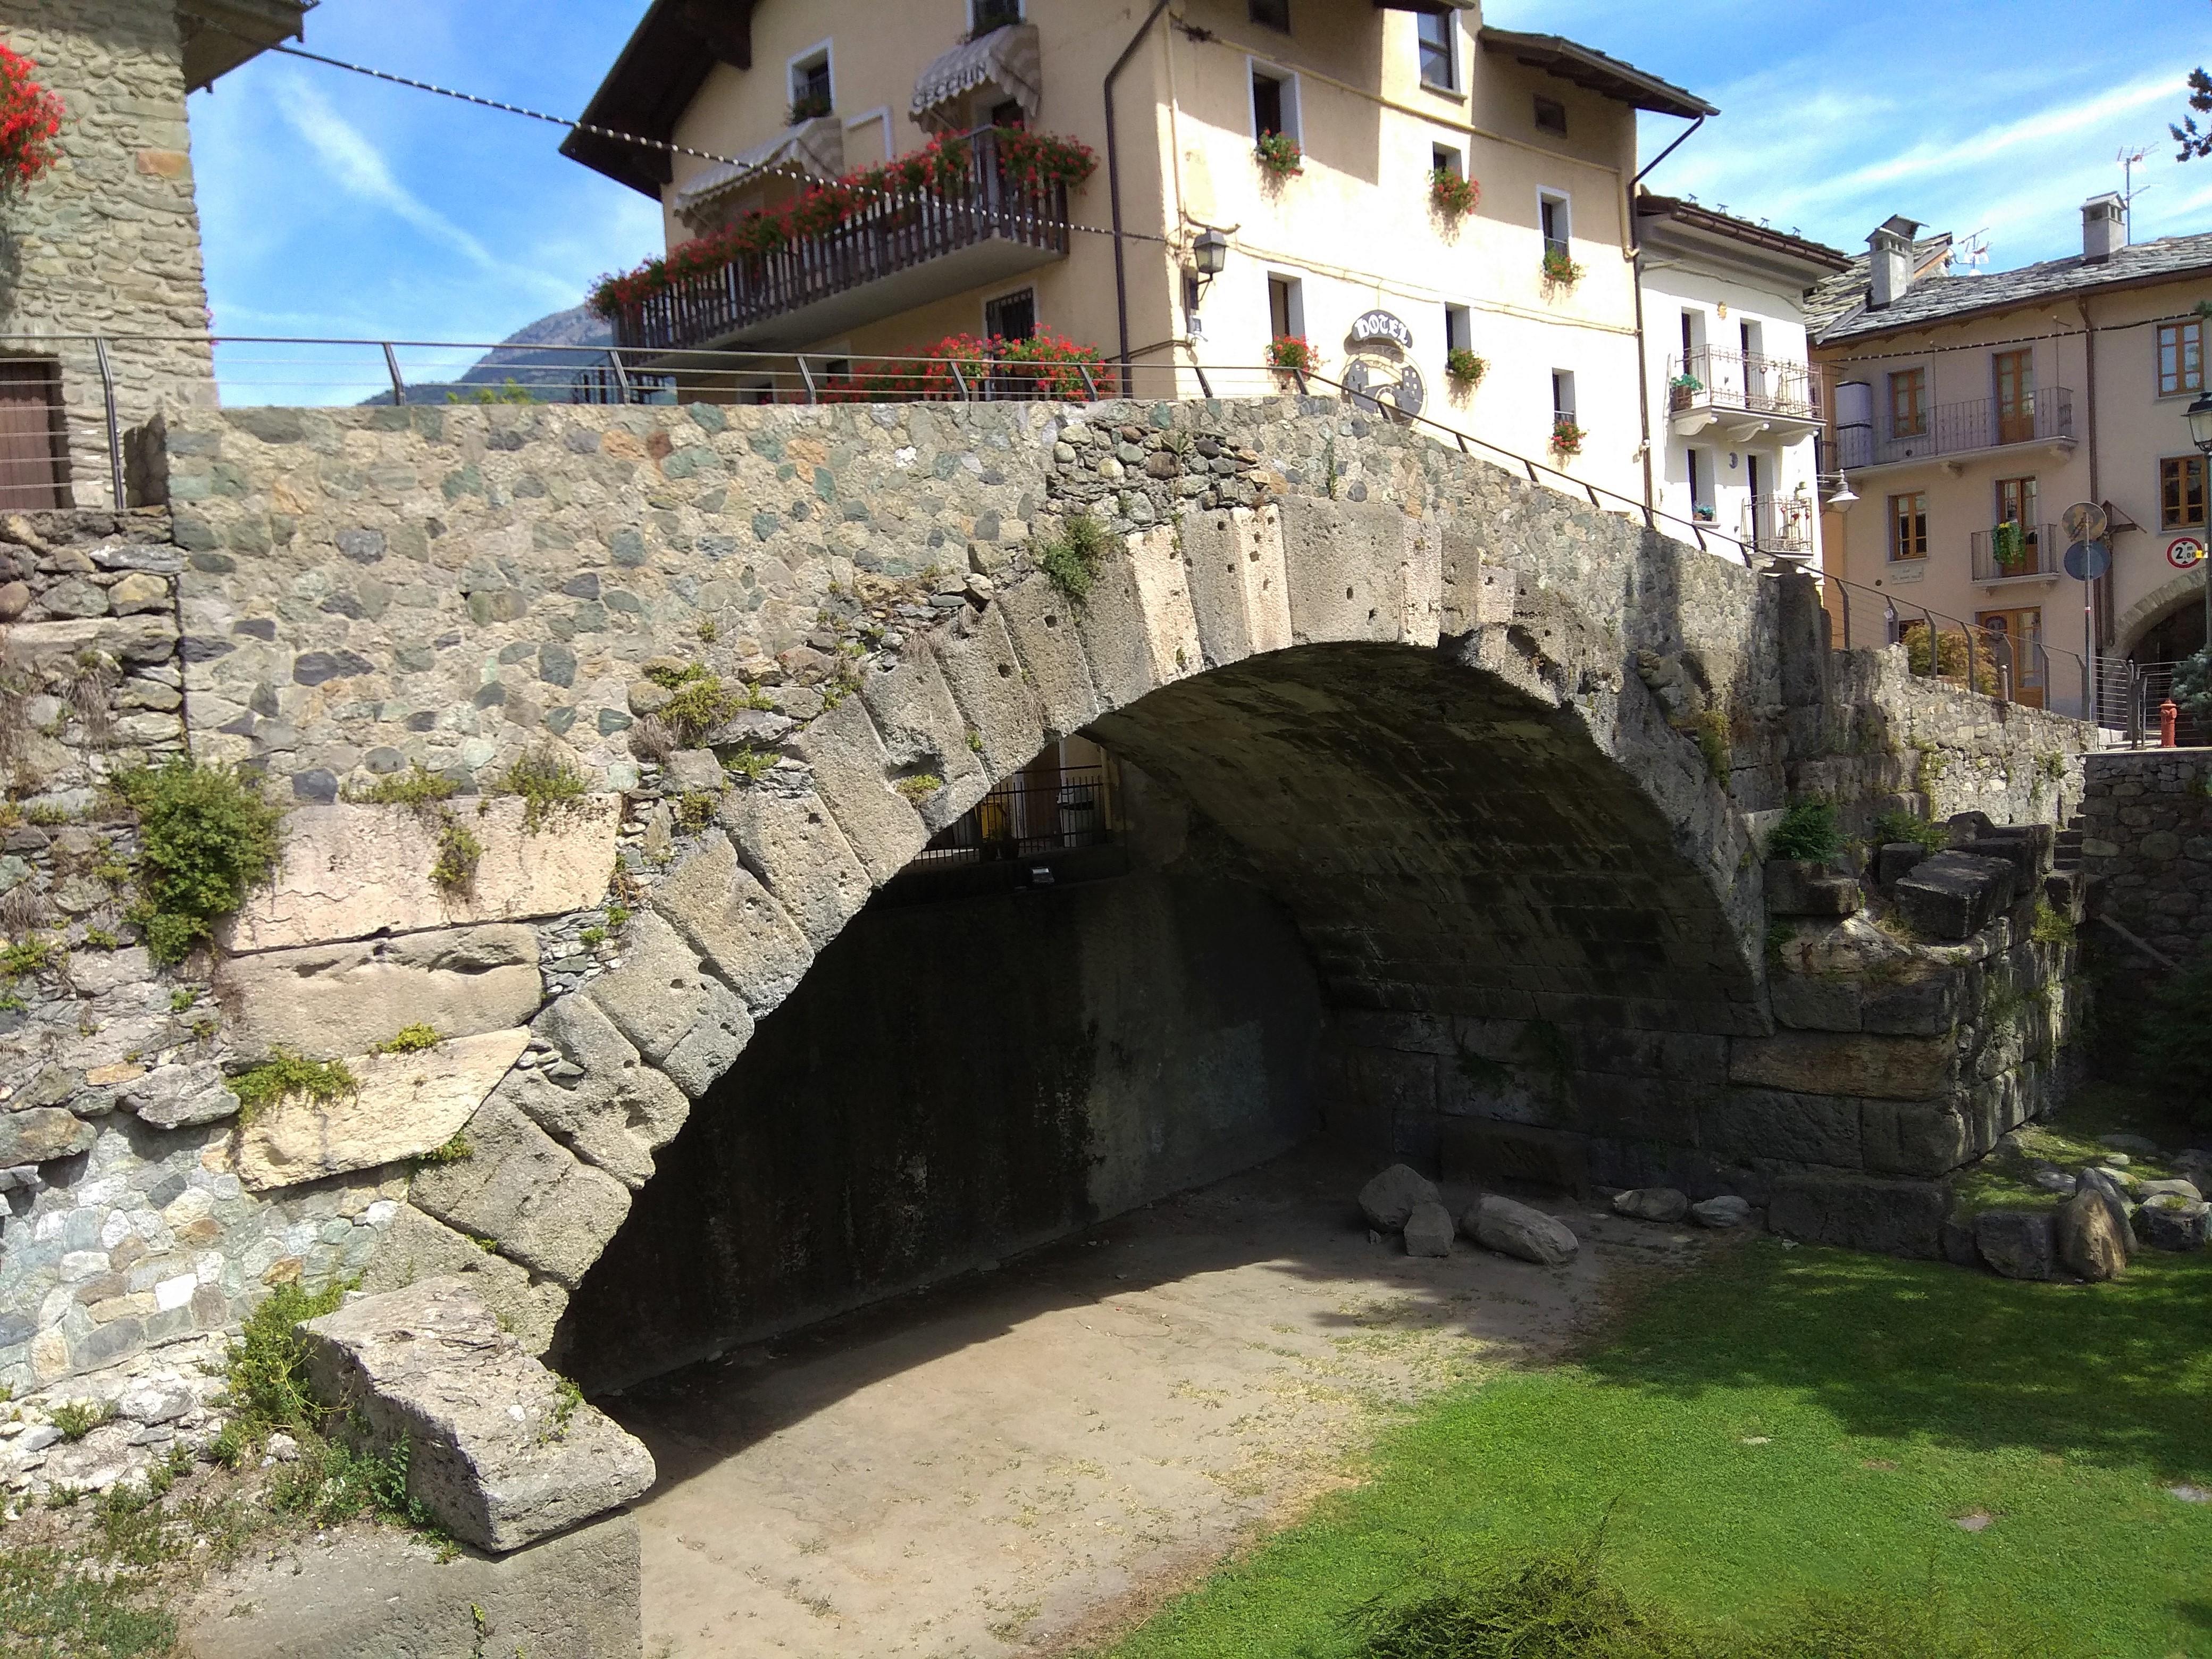 Altezza Dei Parapetti ponte di pietra di aosta - wikipedia